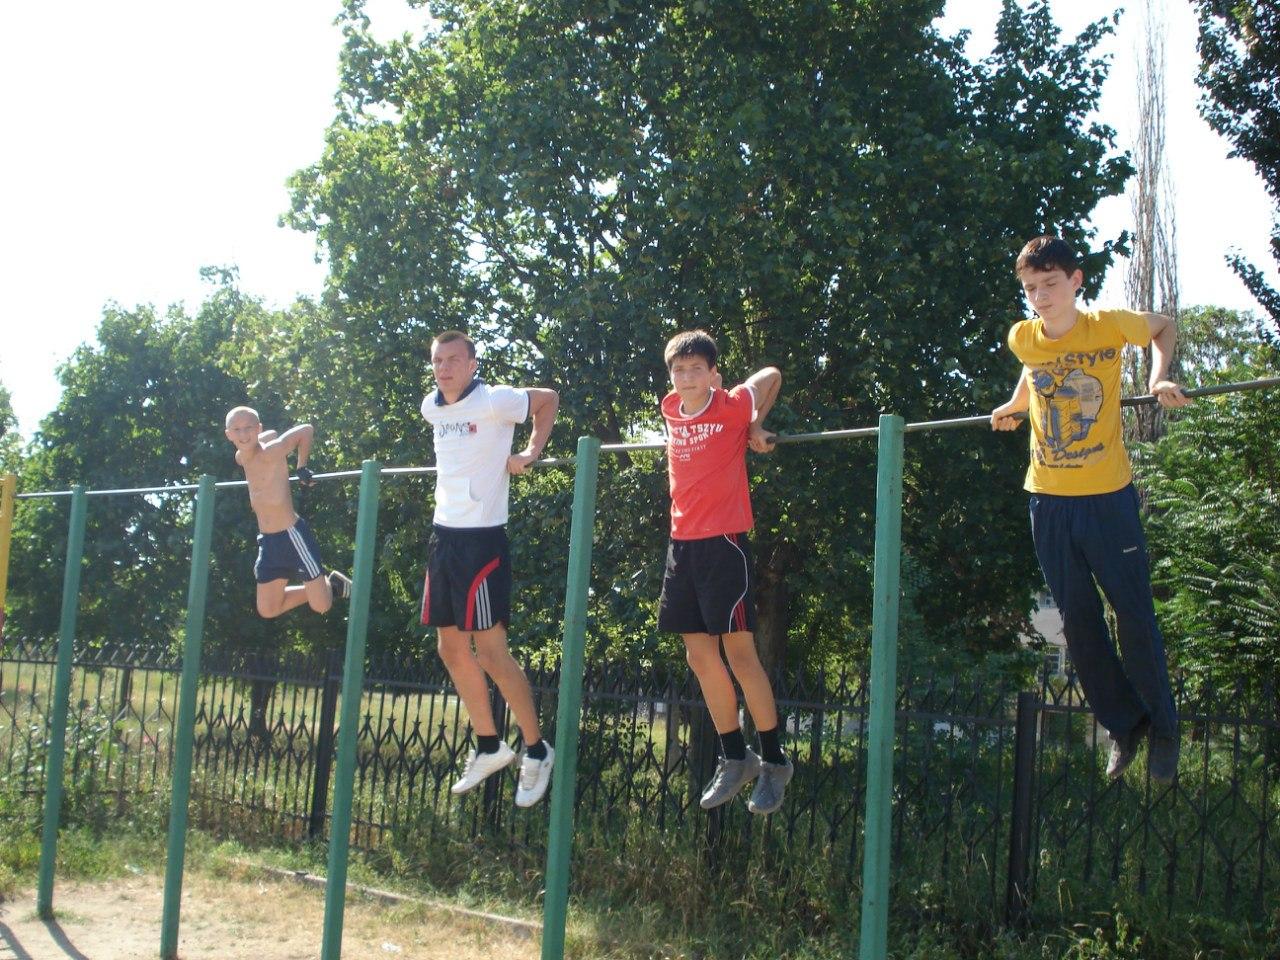 Состоялась Приднестровская пробежка в Тирасполе (1.07.2012)